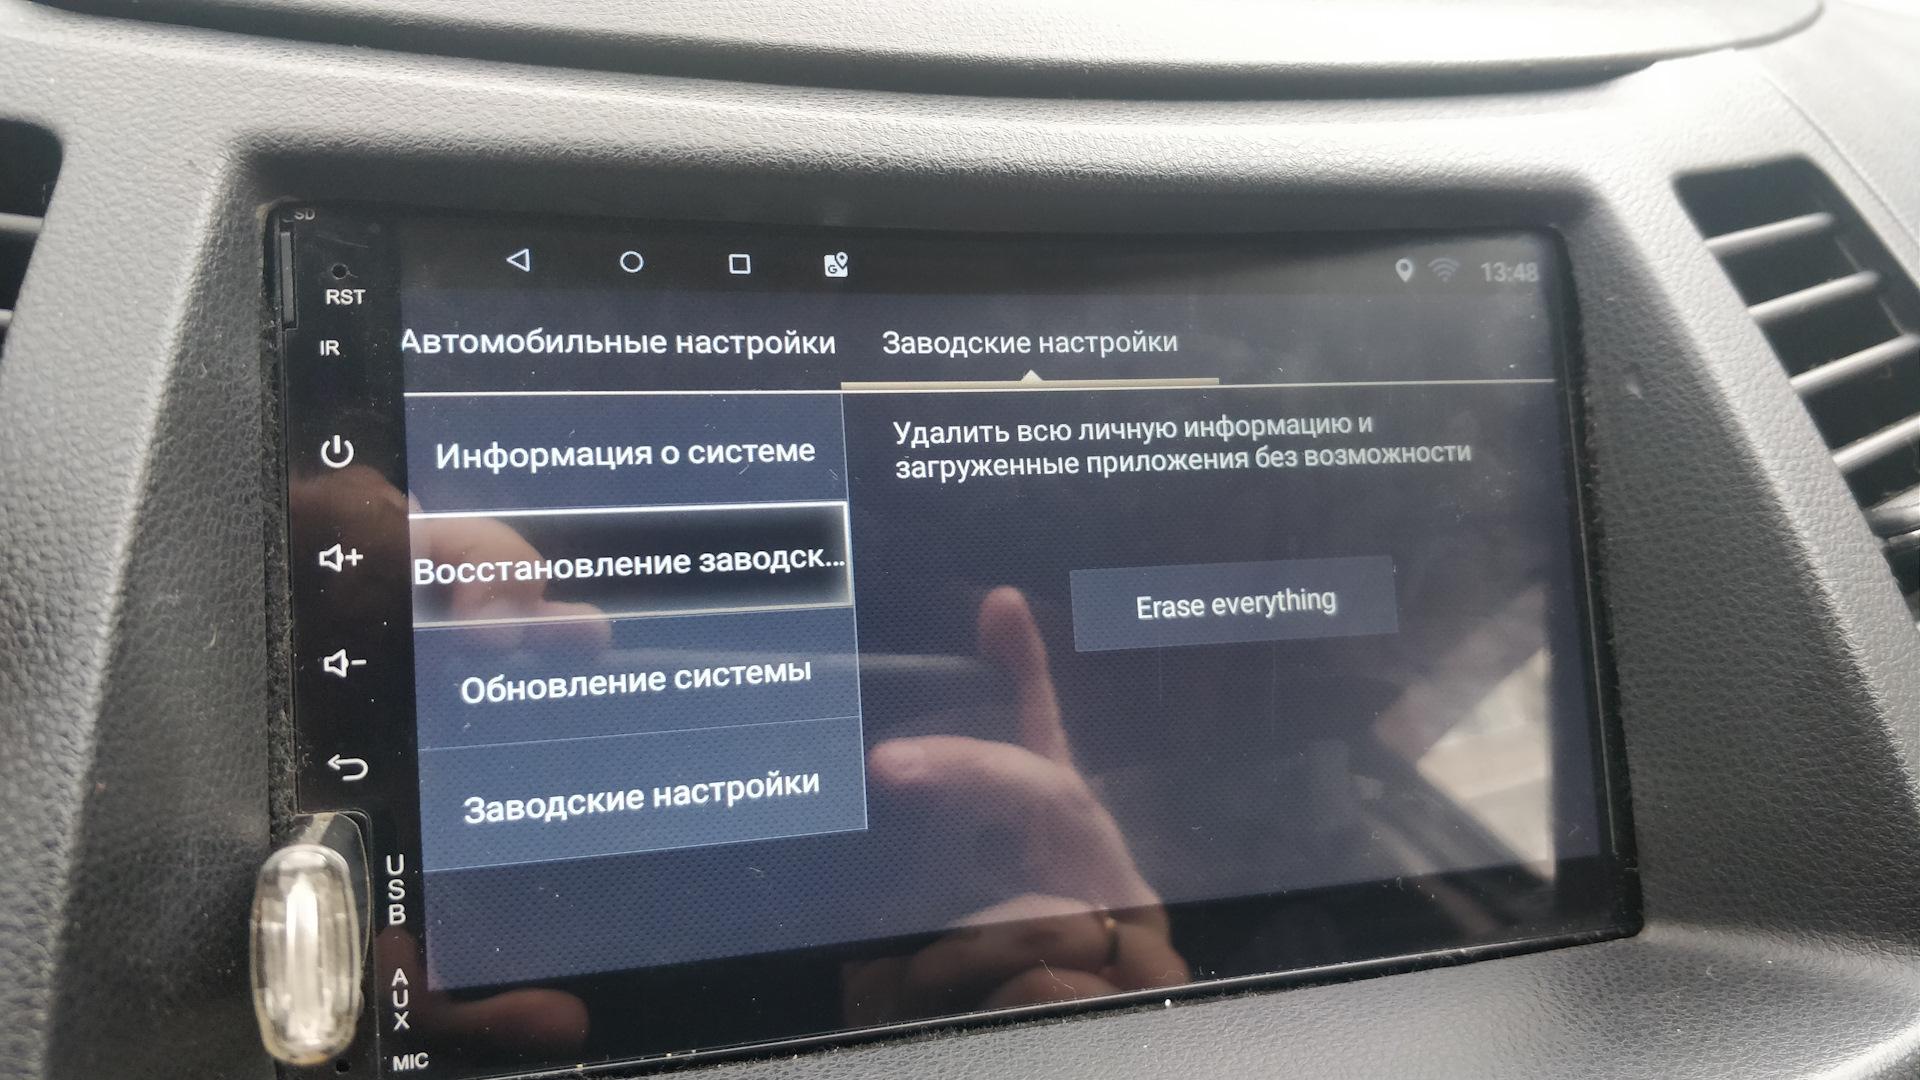 Запись 5  Android магнитола Quad-Core T3 K2001M  Сброс